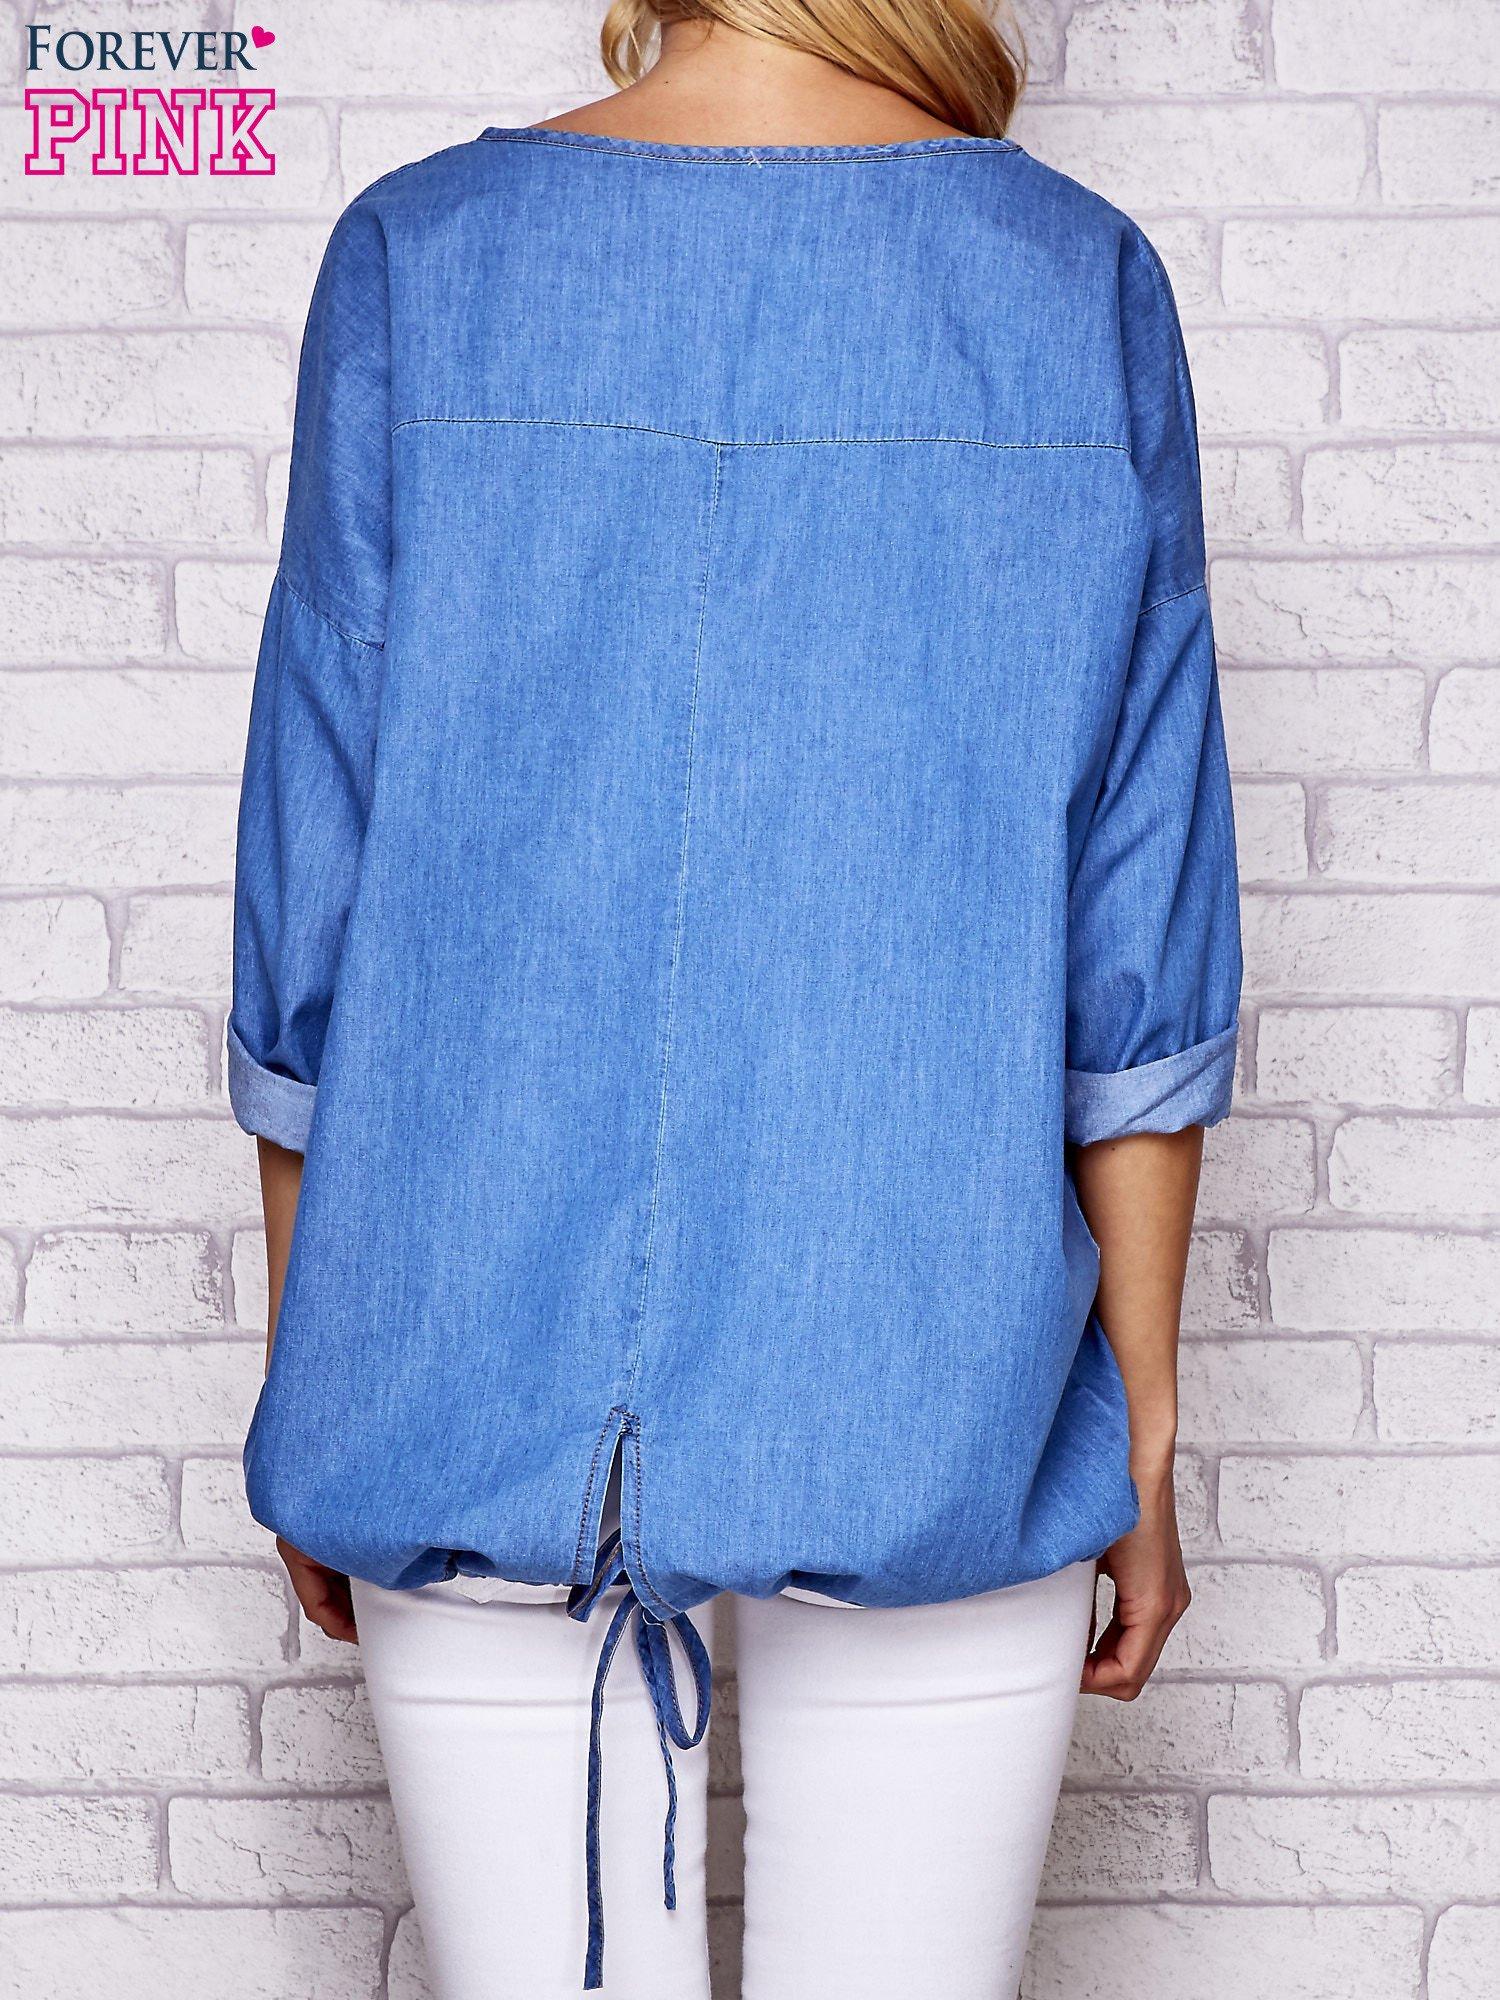 Jasnoniebieska jeansowa tunika ze sznureczkiem                                  zdj.                                  4